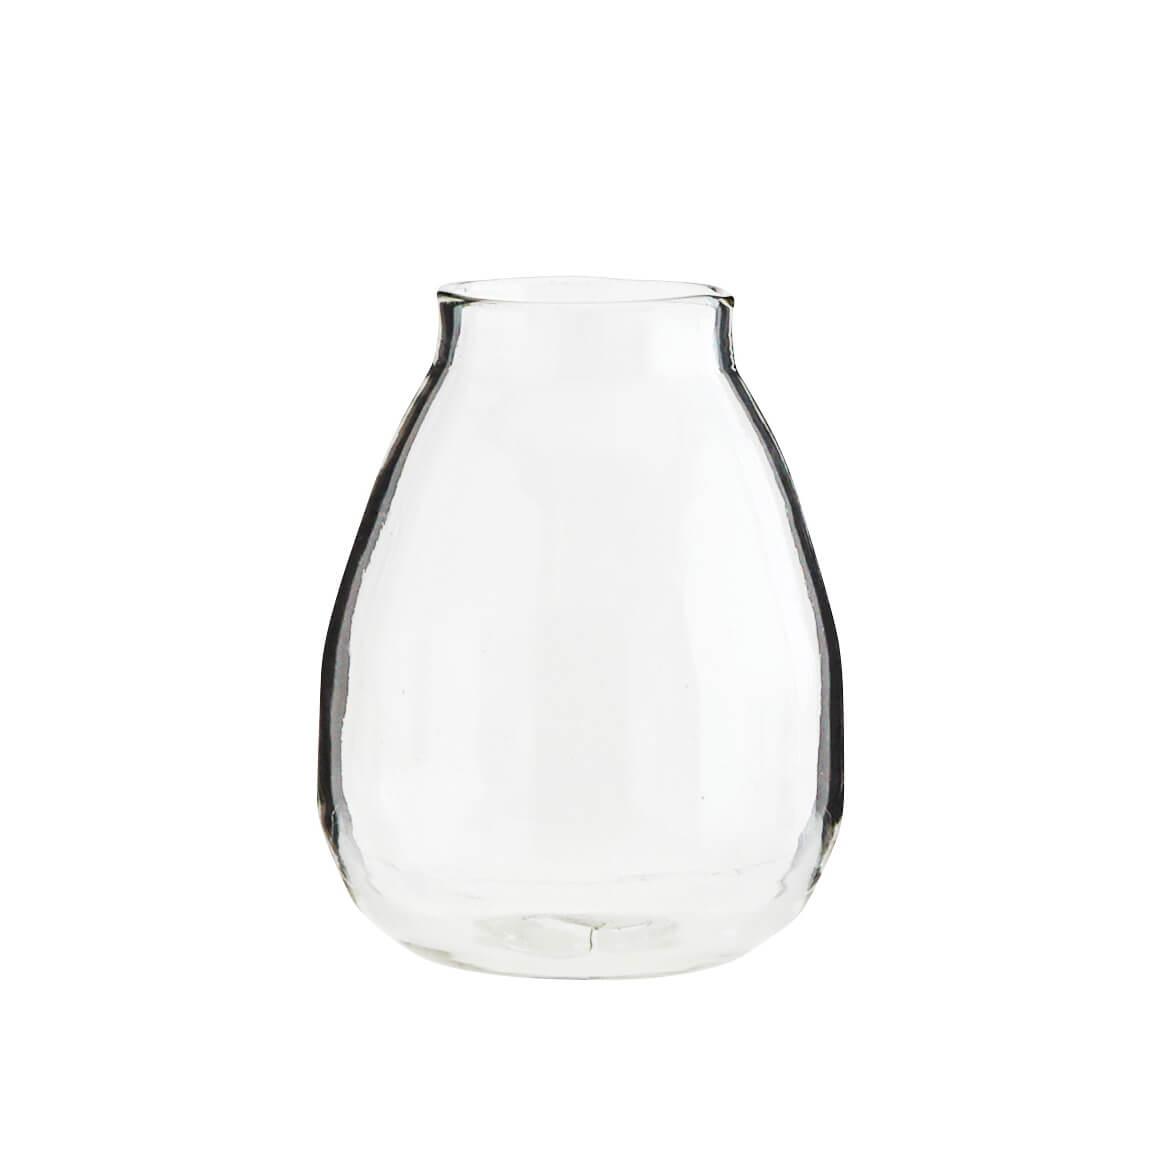 Madam Stoltz – Vase aus recycelten Glas